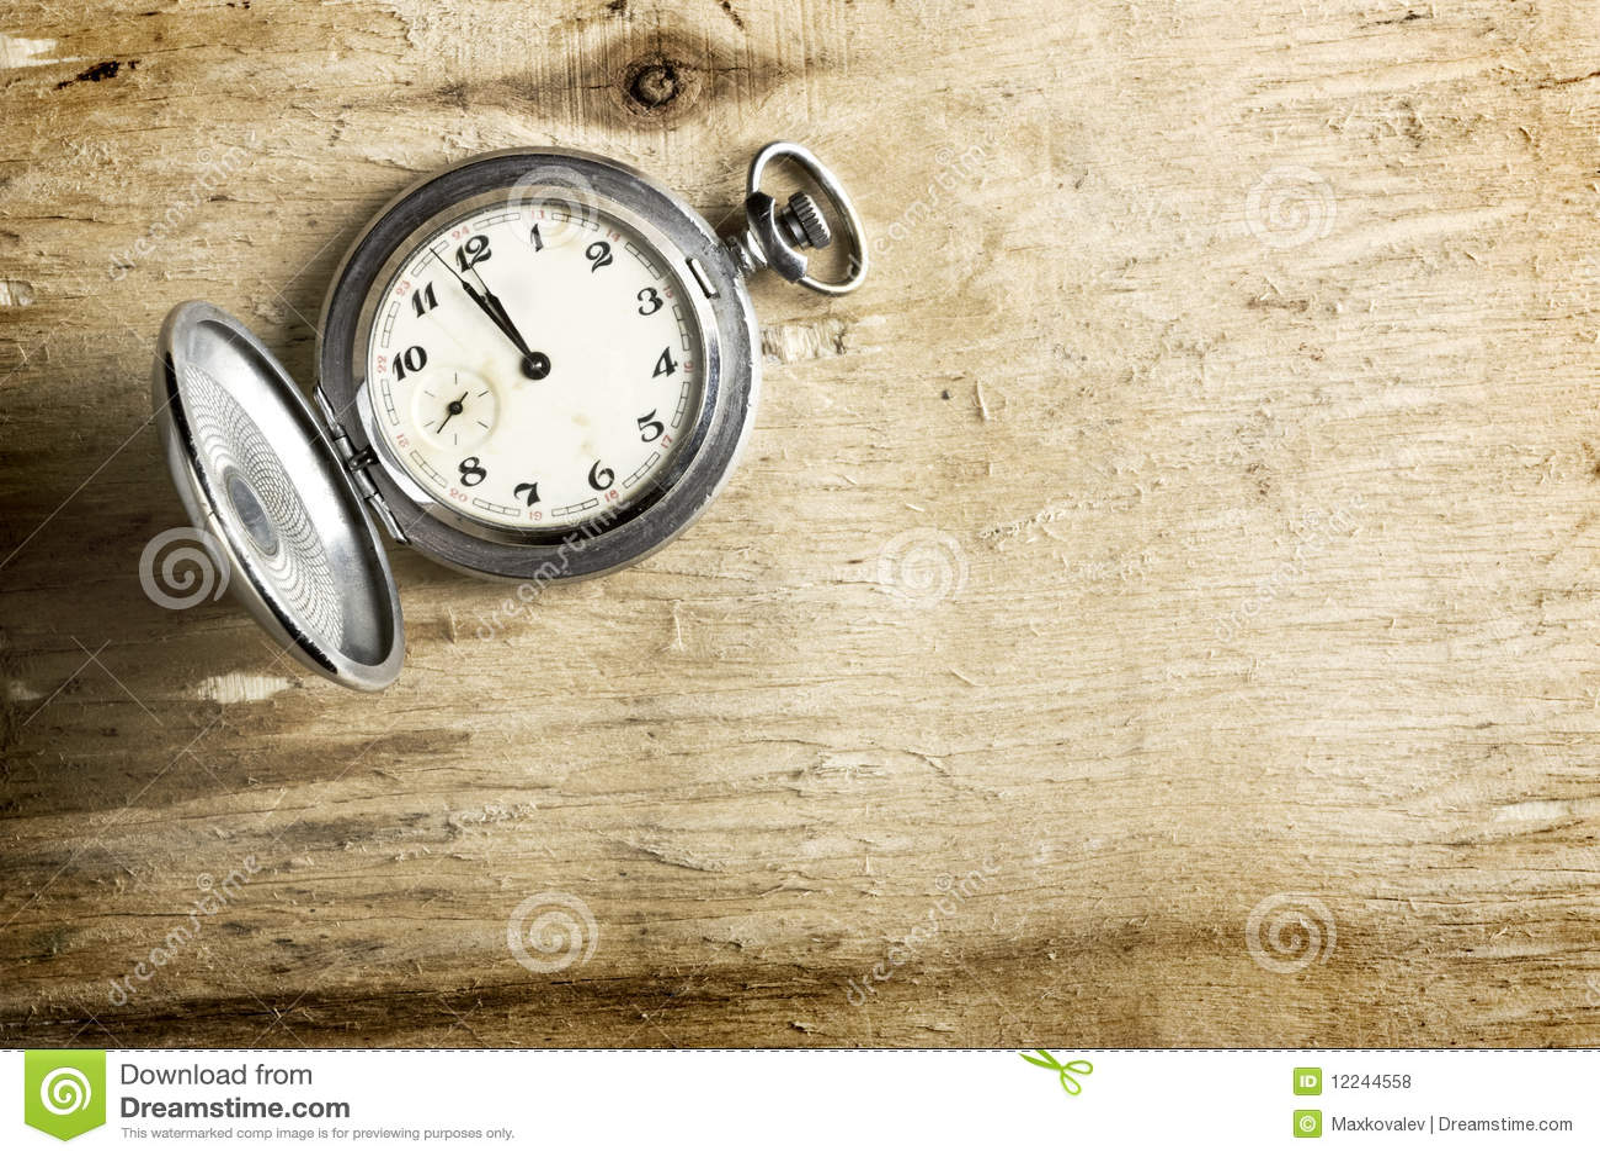 Vieille Horloge Photos libres de droits  Image 12244558 ~ Vieille Horloge En Bois